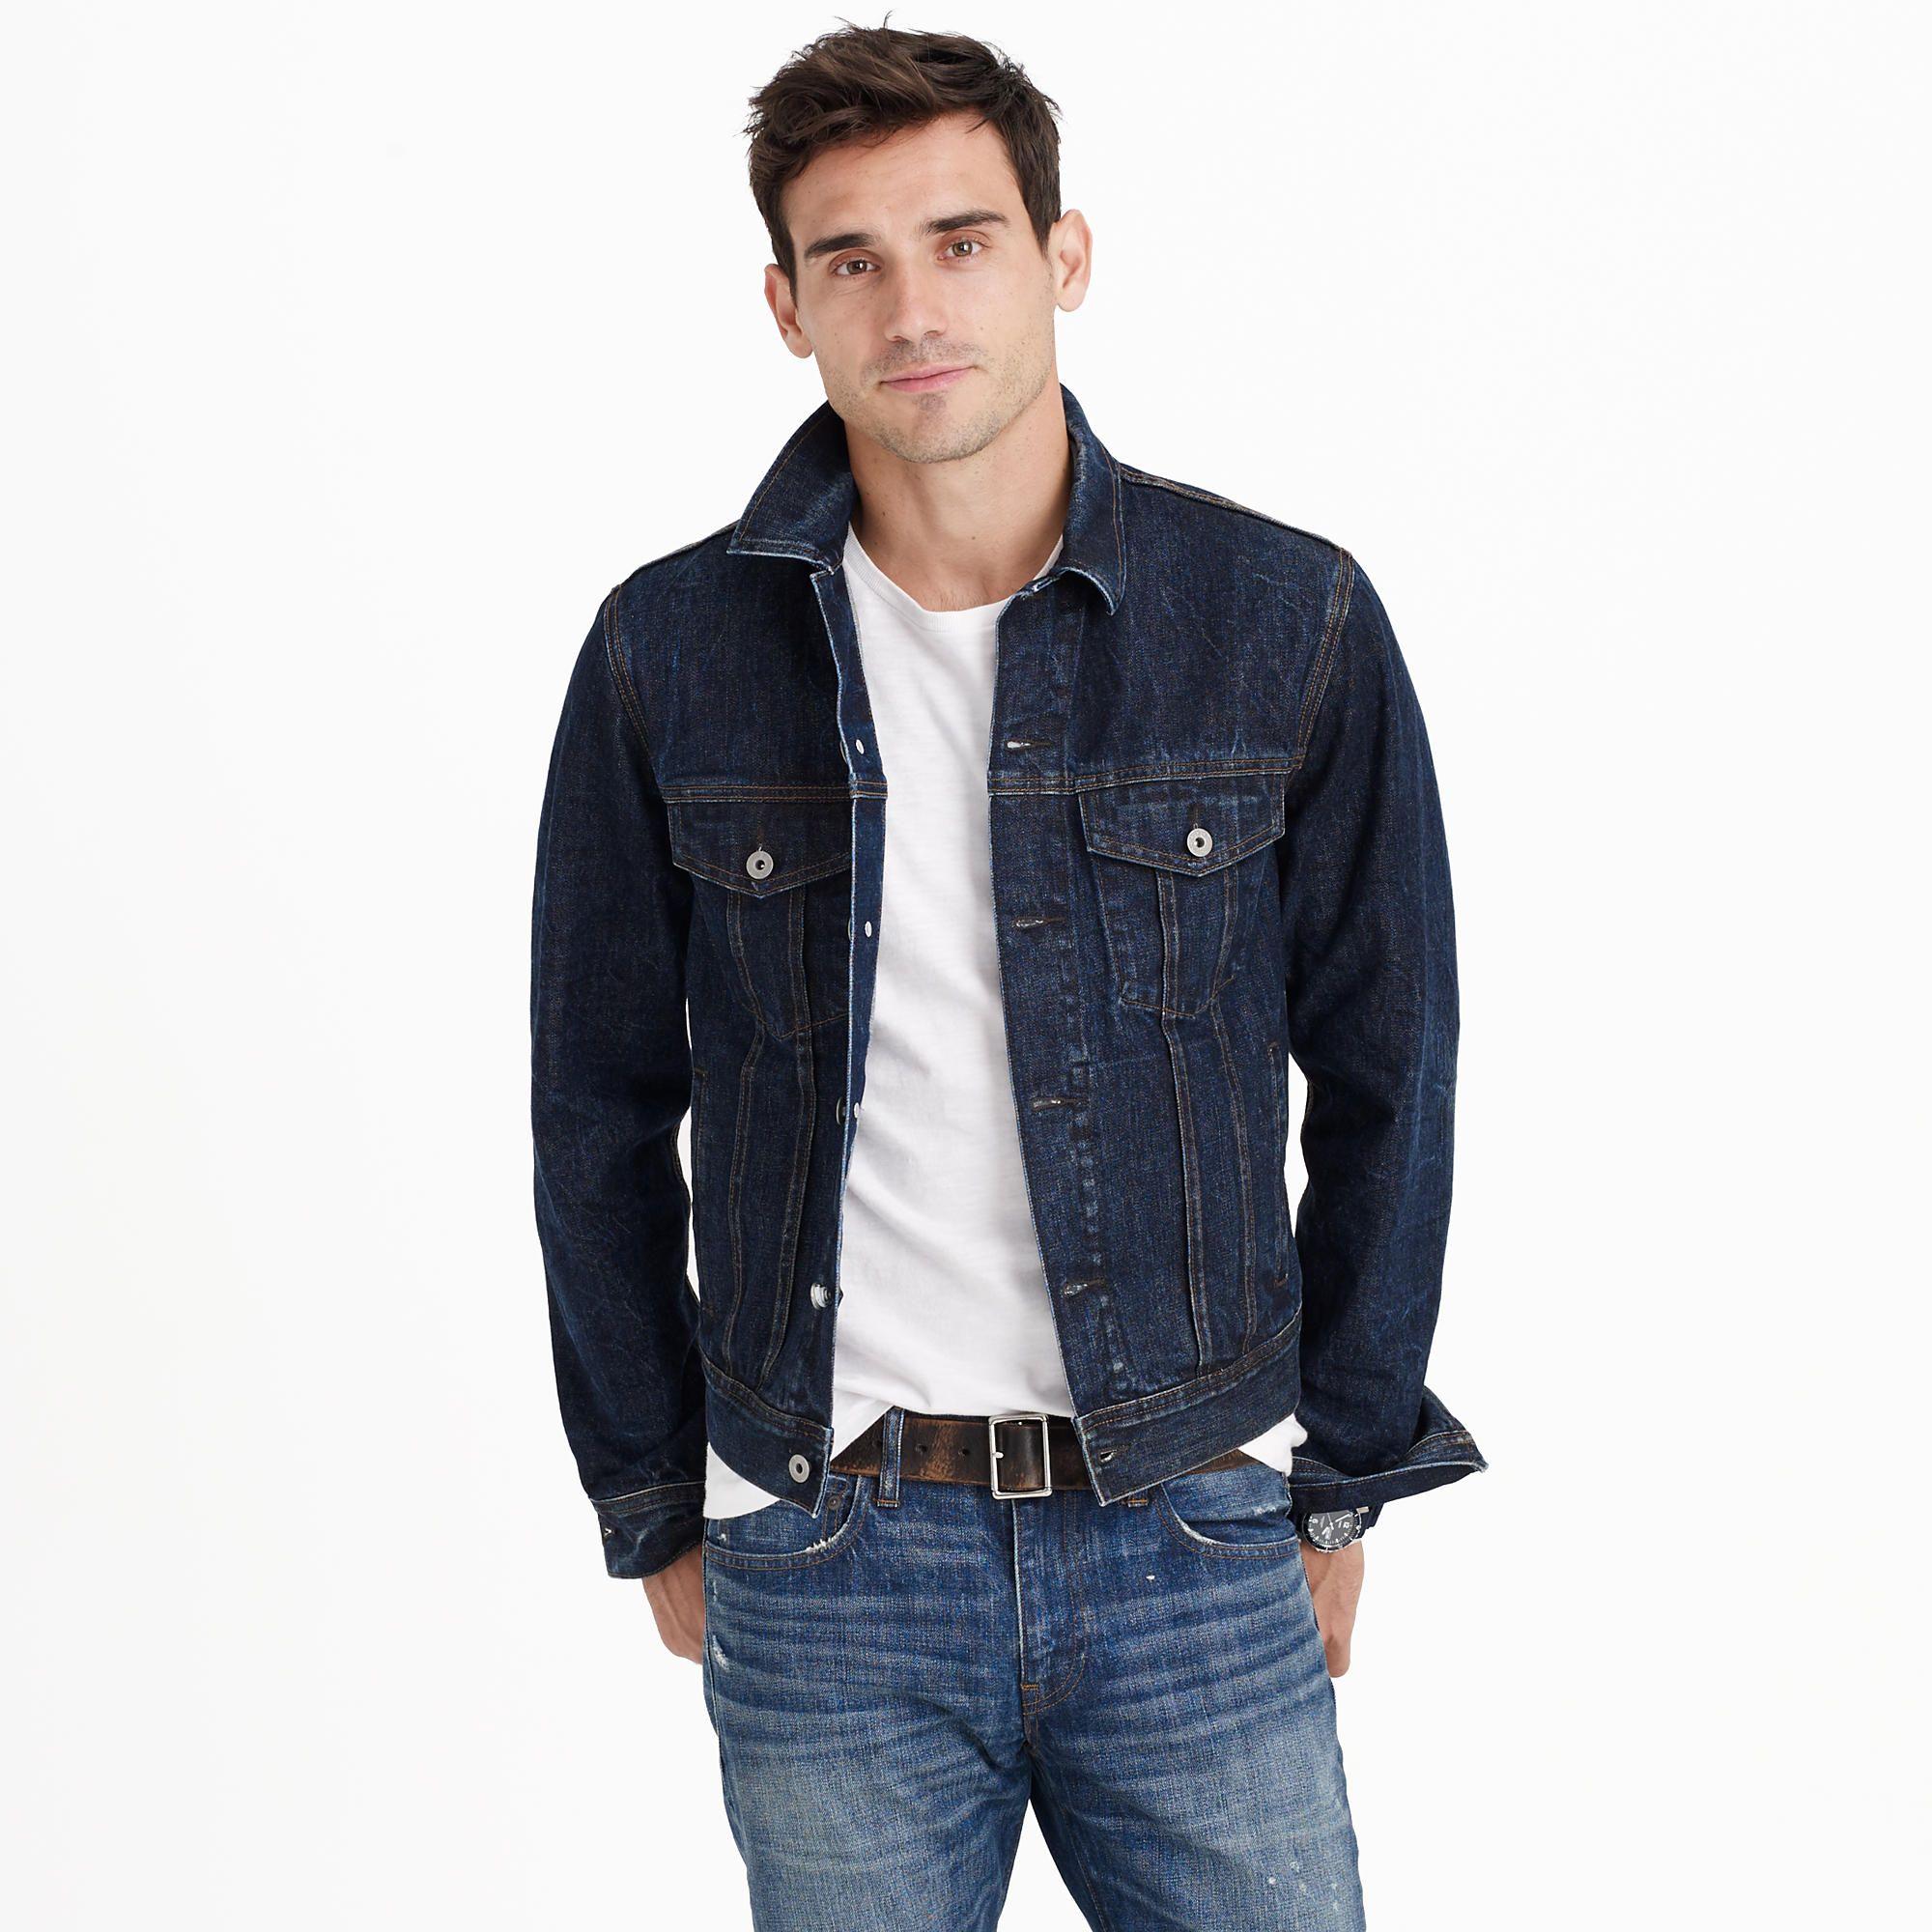 Denim jacket in walden wash : cotton | J.Crew | STYLE | Pinterest